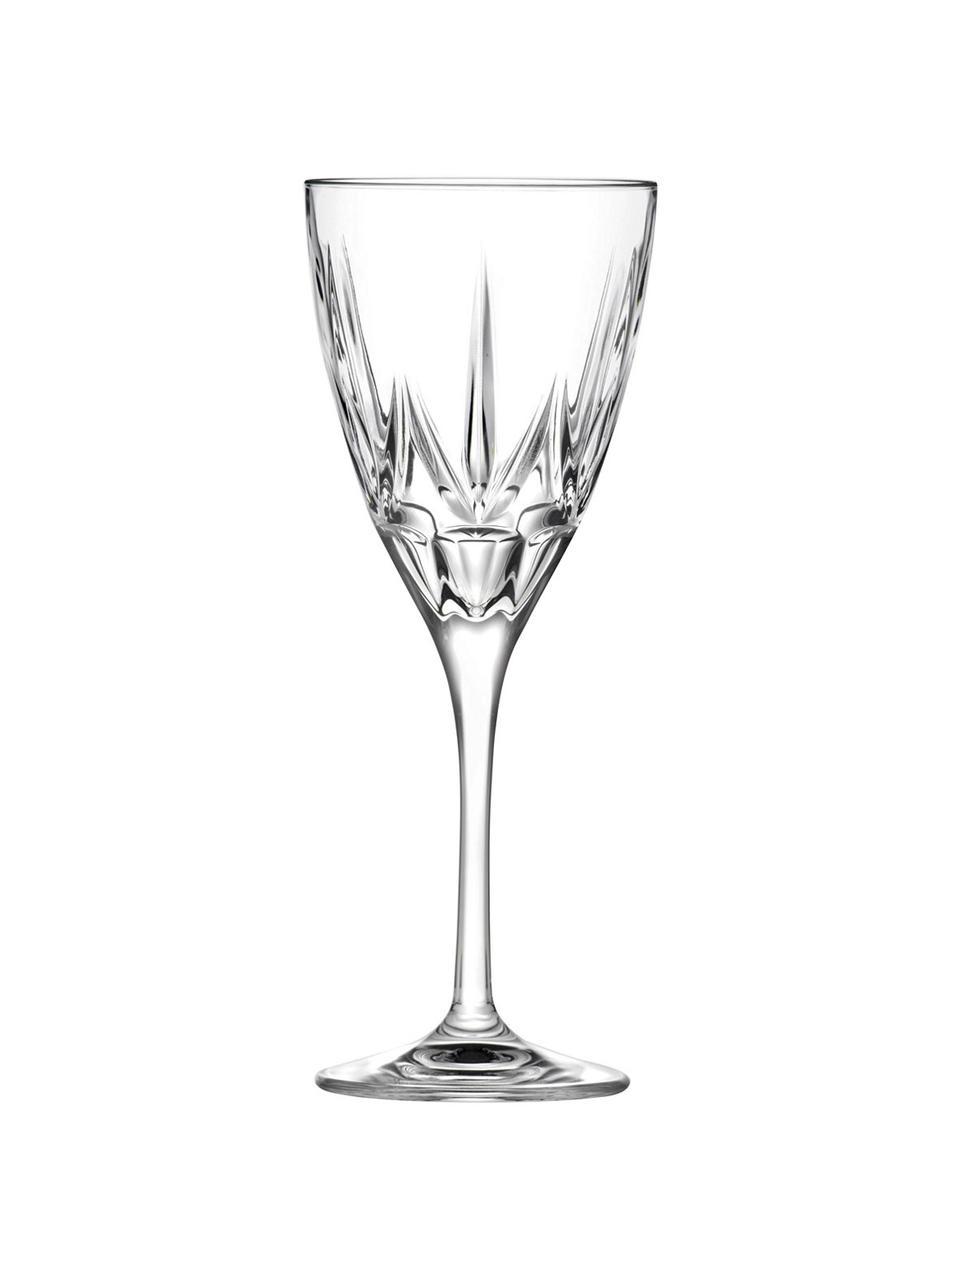 Kristallen witte wijnglazen Chic met reliëf, 6 stuks, Luxion kristalglas, Transparant, Ø 8 x H 21 cm